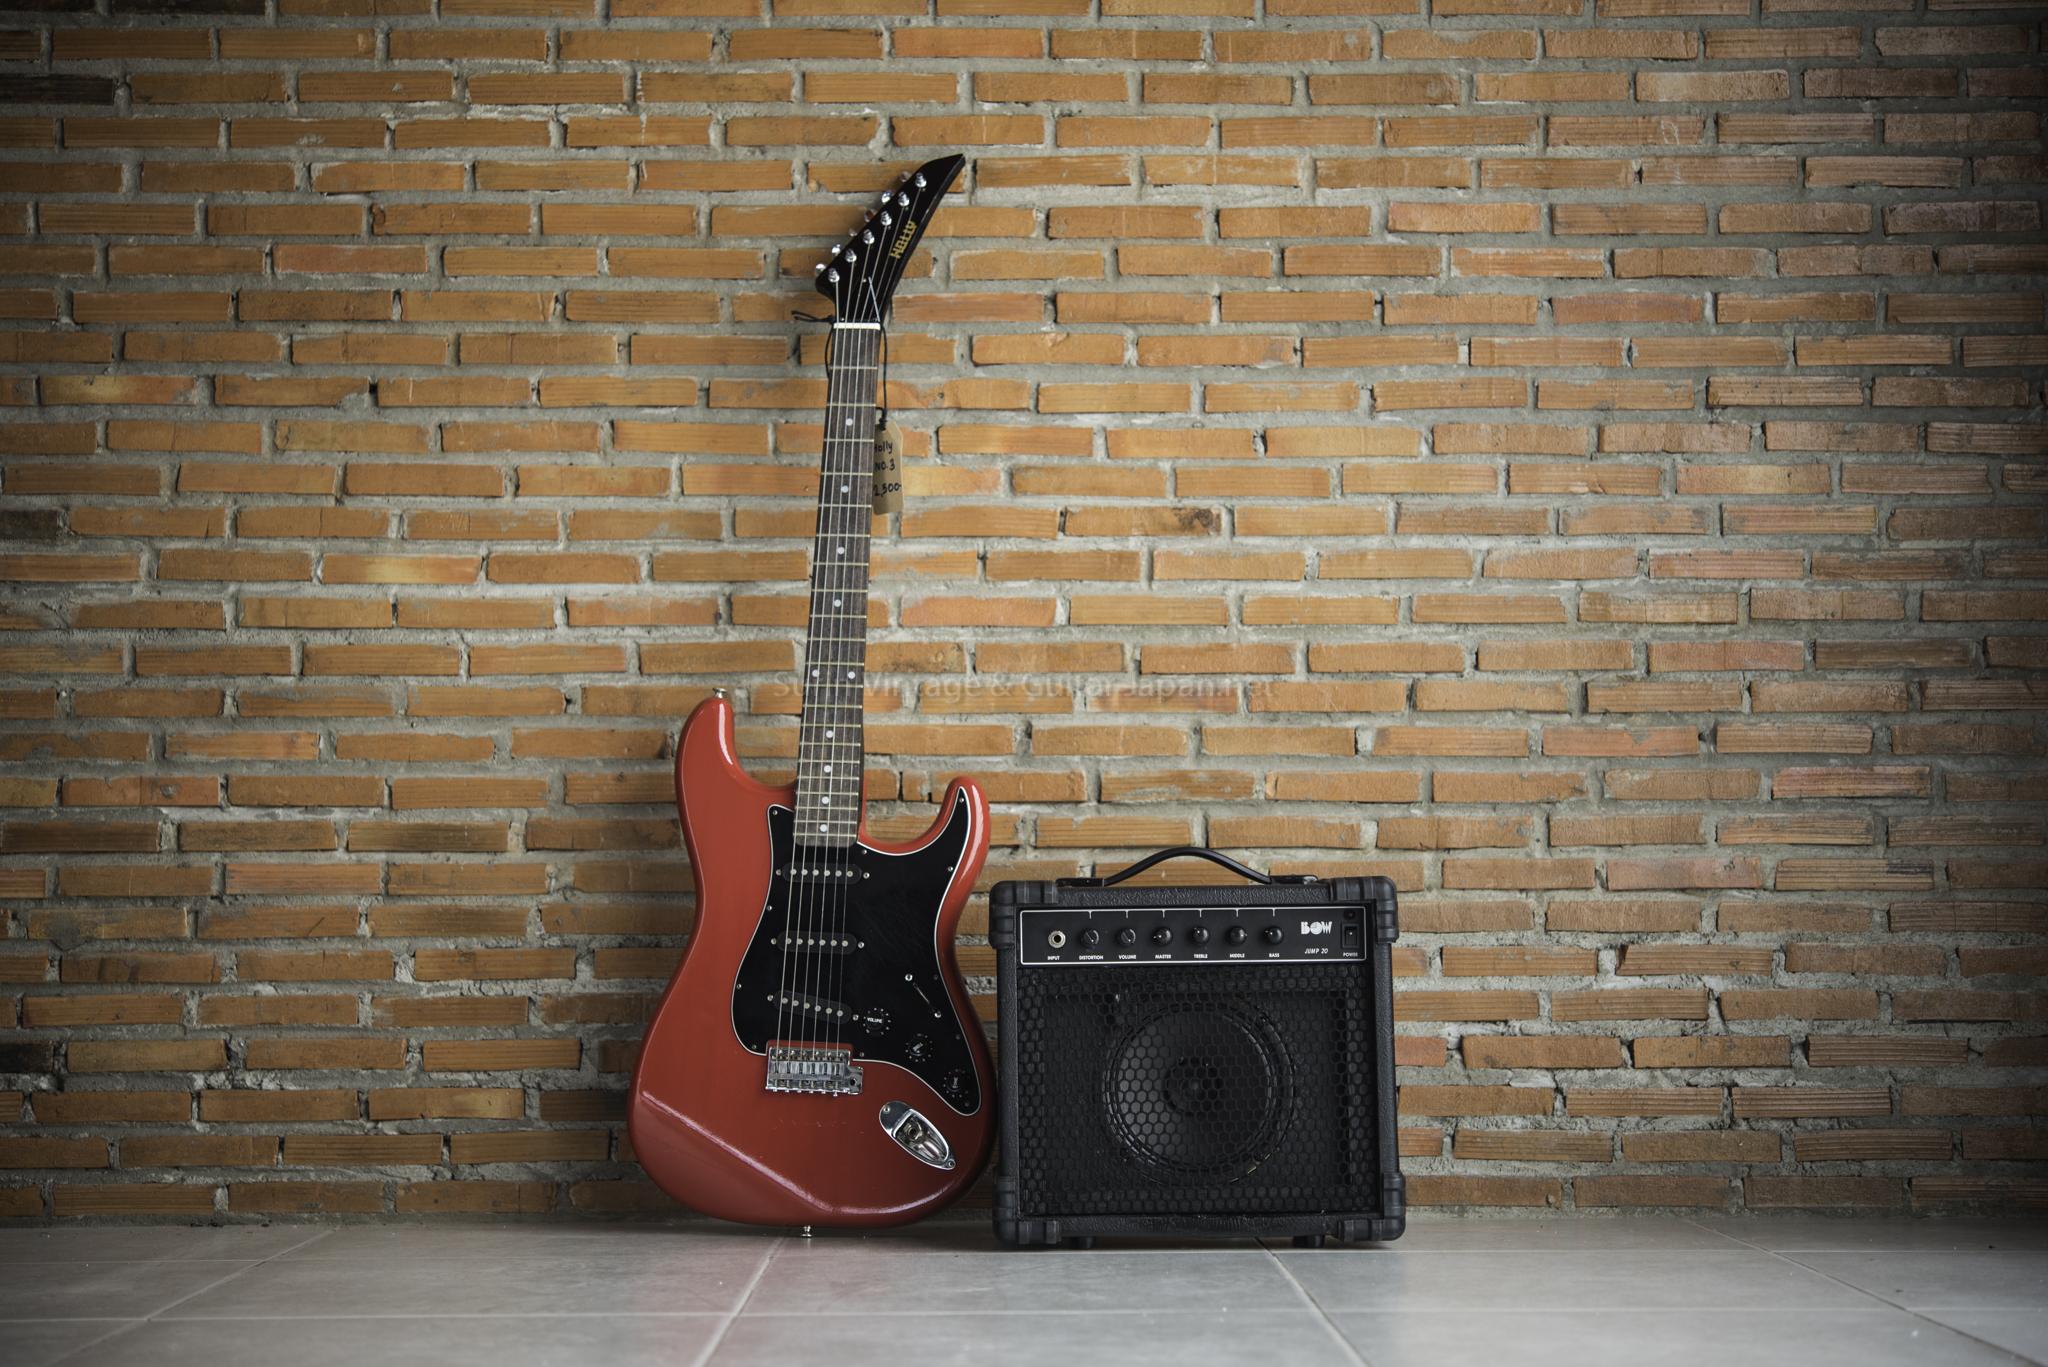 แอมป์กีต้าร์ไฟฟ้ามือสอง BOW Jump20 Guitar Amp